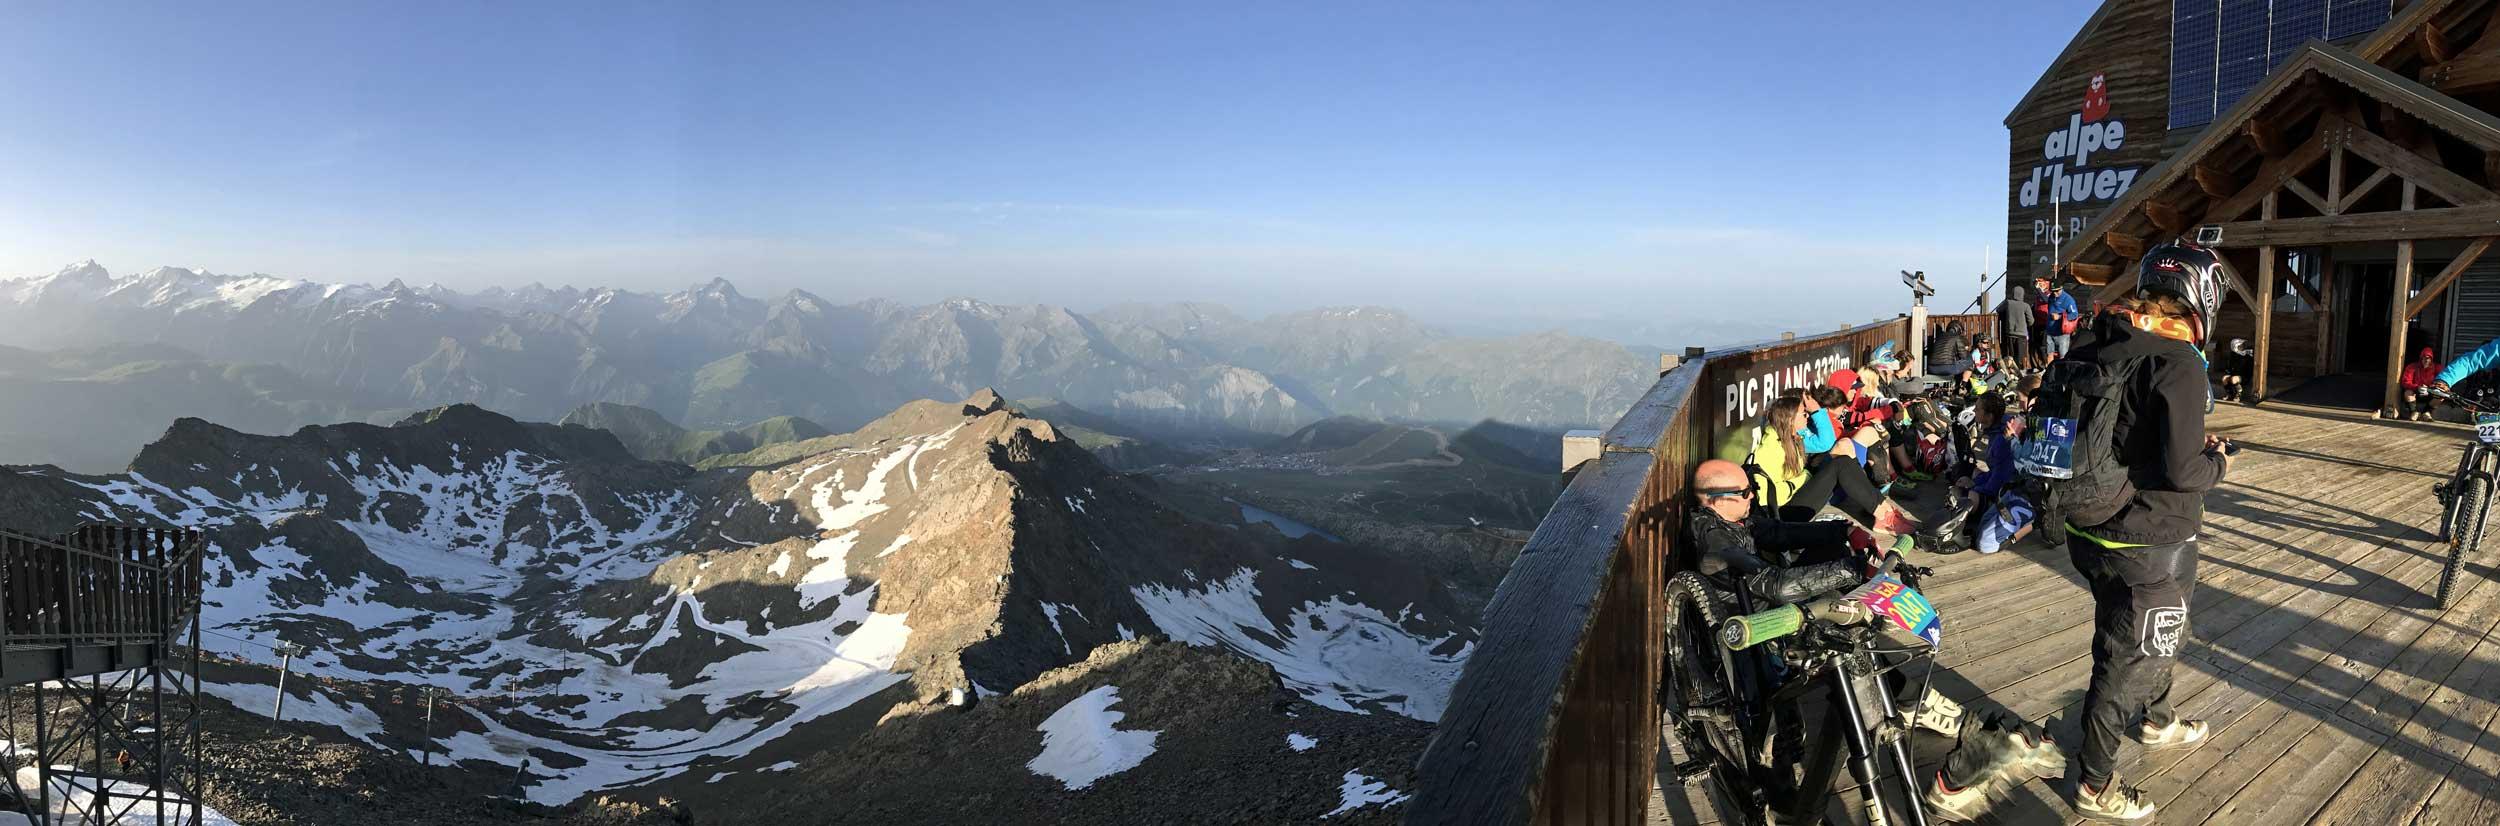 Megavalanche in Alpe d'Huez